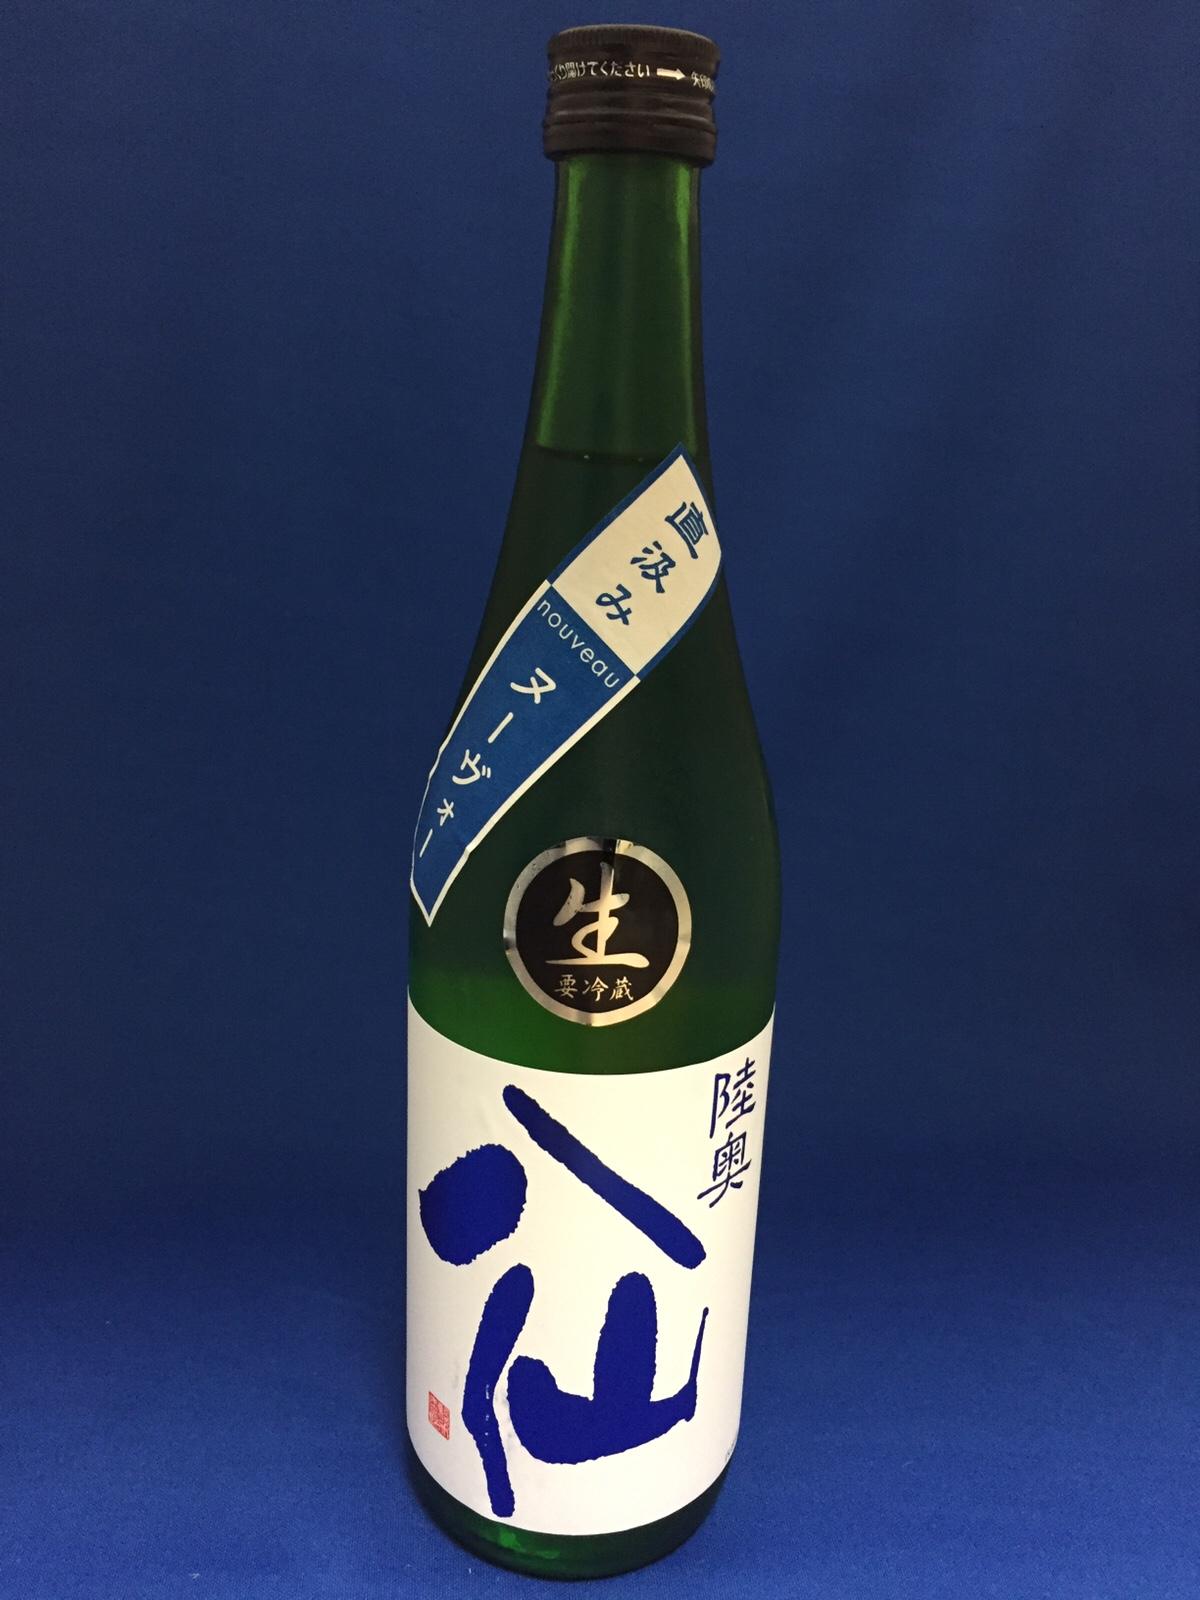 陸奥八仙ヌーヴォー 新酒の時期限定のフレッシュでピチピチな日本酒